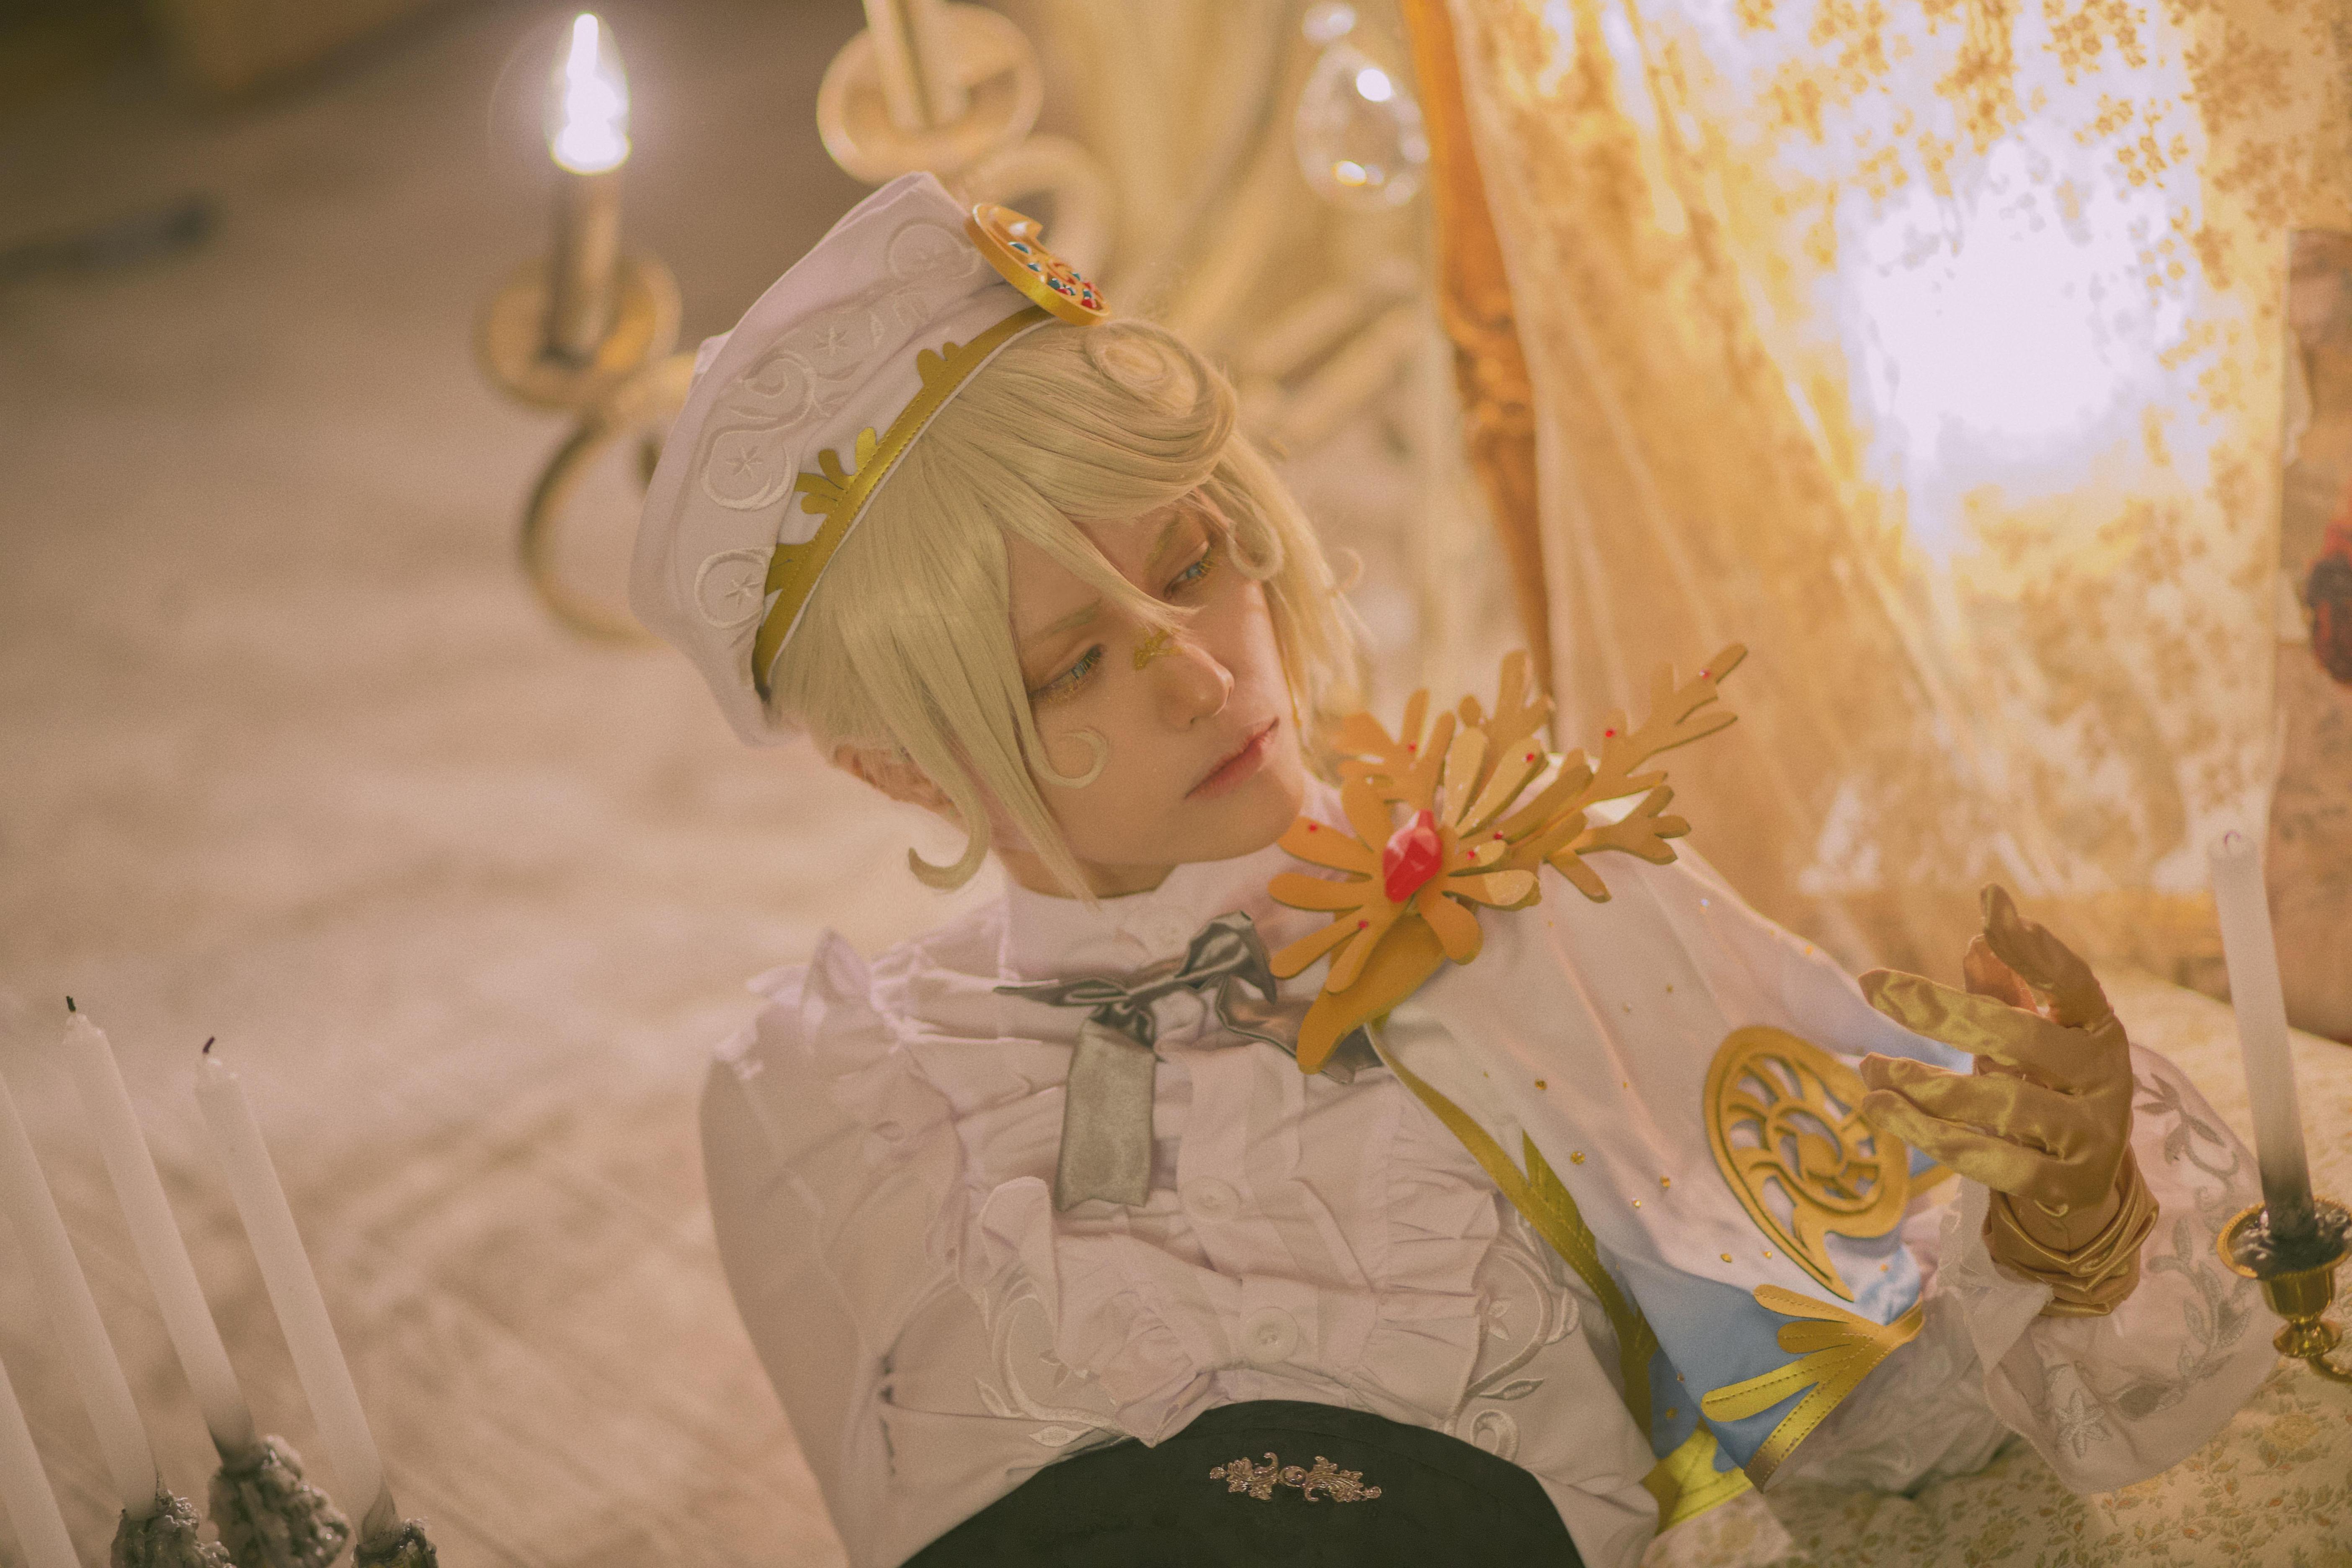 《第五人格》正片cosplay【CN:佑沩ryunta】-第4张